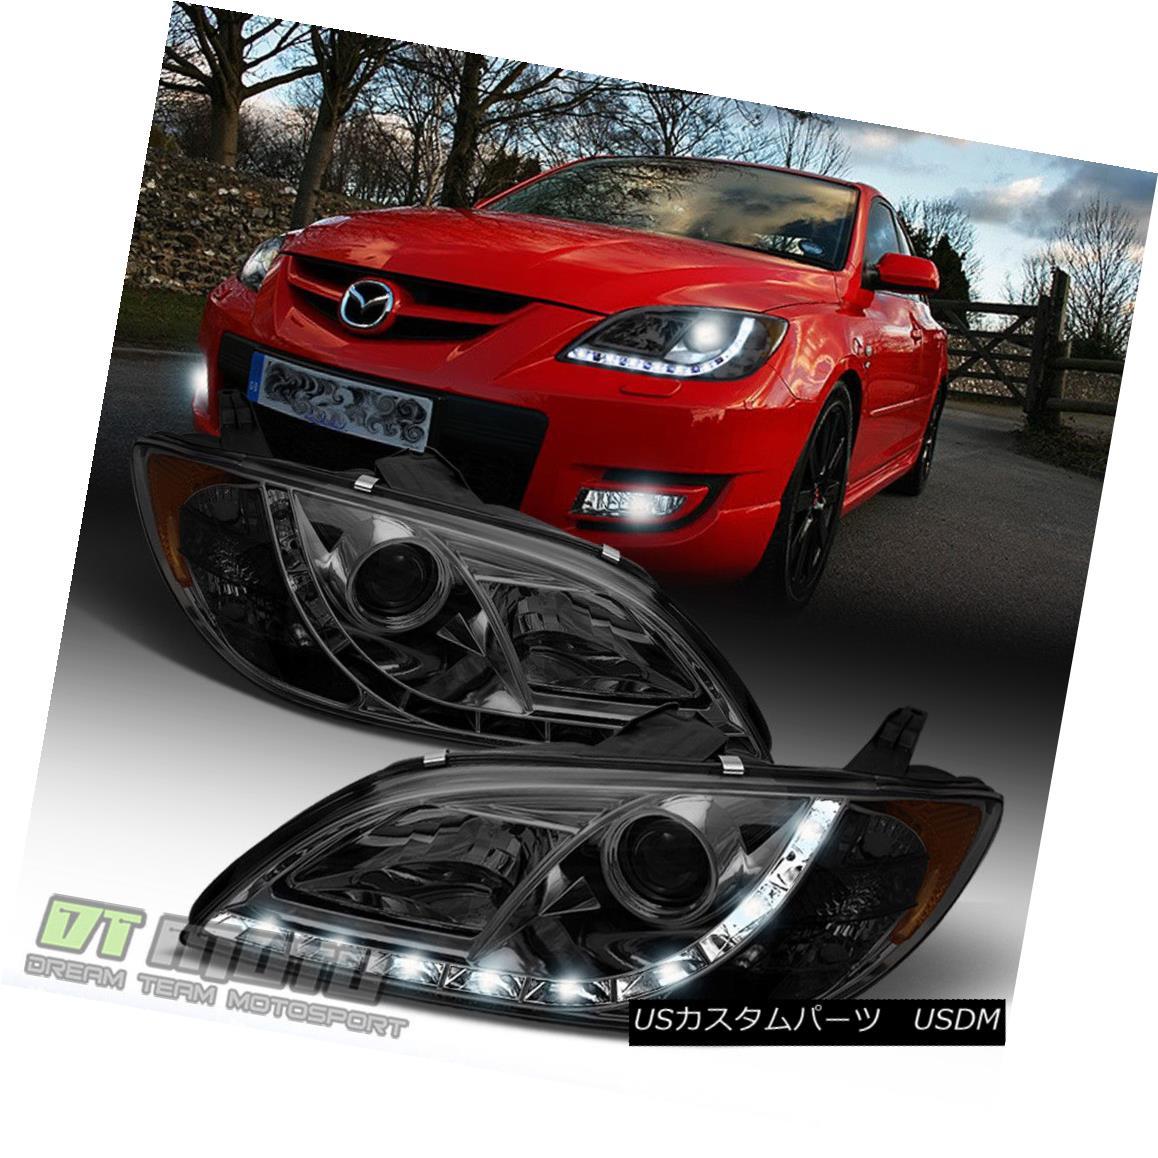 ヘッドライト Smoke 2004-2008 Mazda 3 4Dr Sedan LED Daytimr Running Light Projector Headlights スモーク2004-2008マツダ3 4DrセダンLEDデイタイムランニングライトプロジェクターヘッドライト